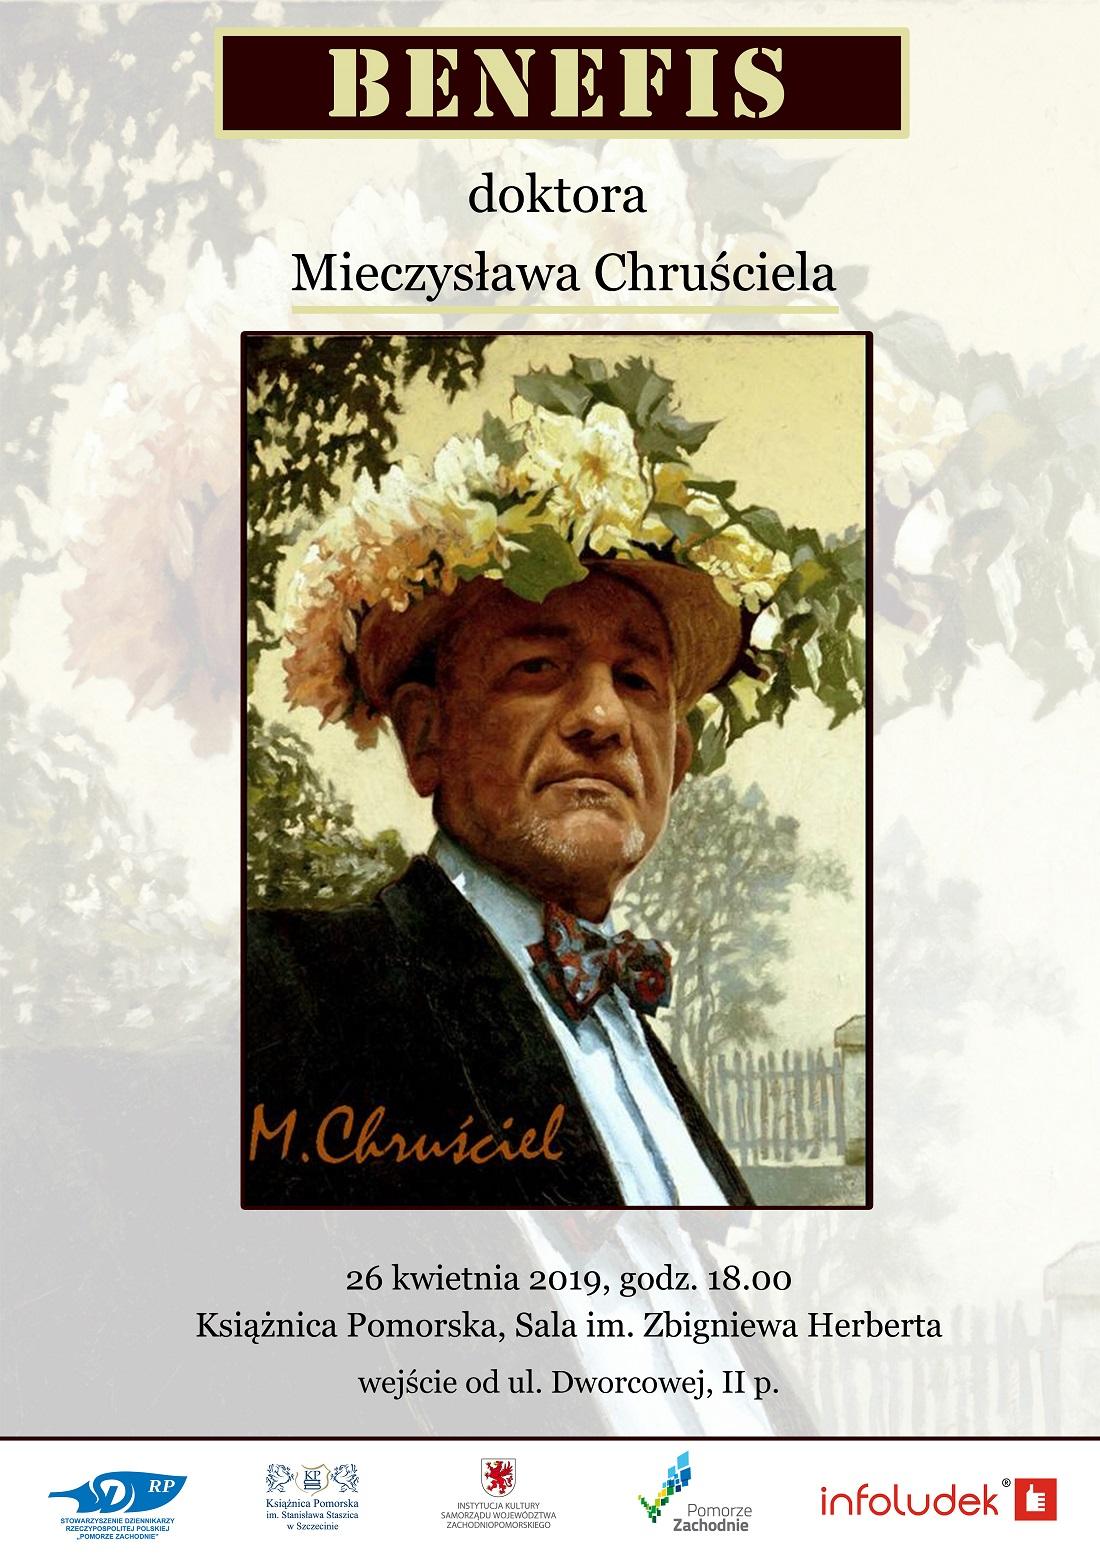 Benefis Mieczysława Chruściela